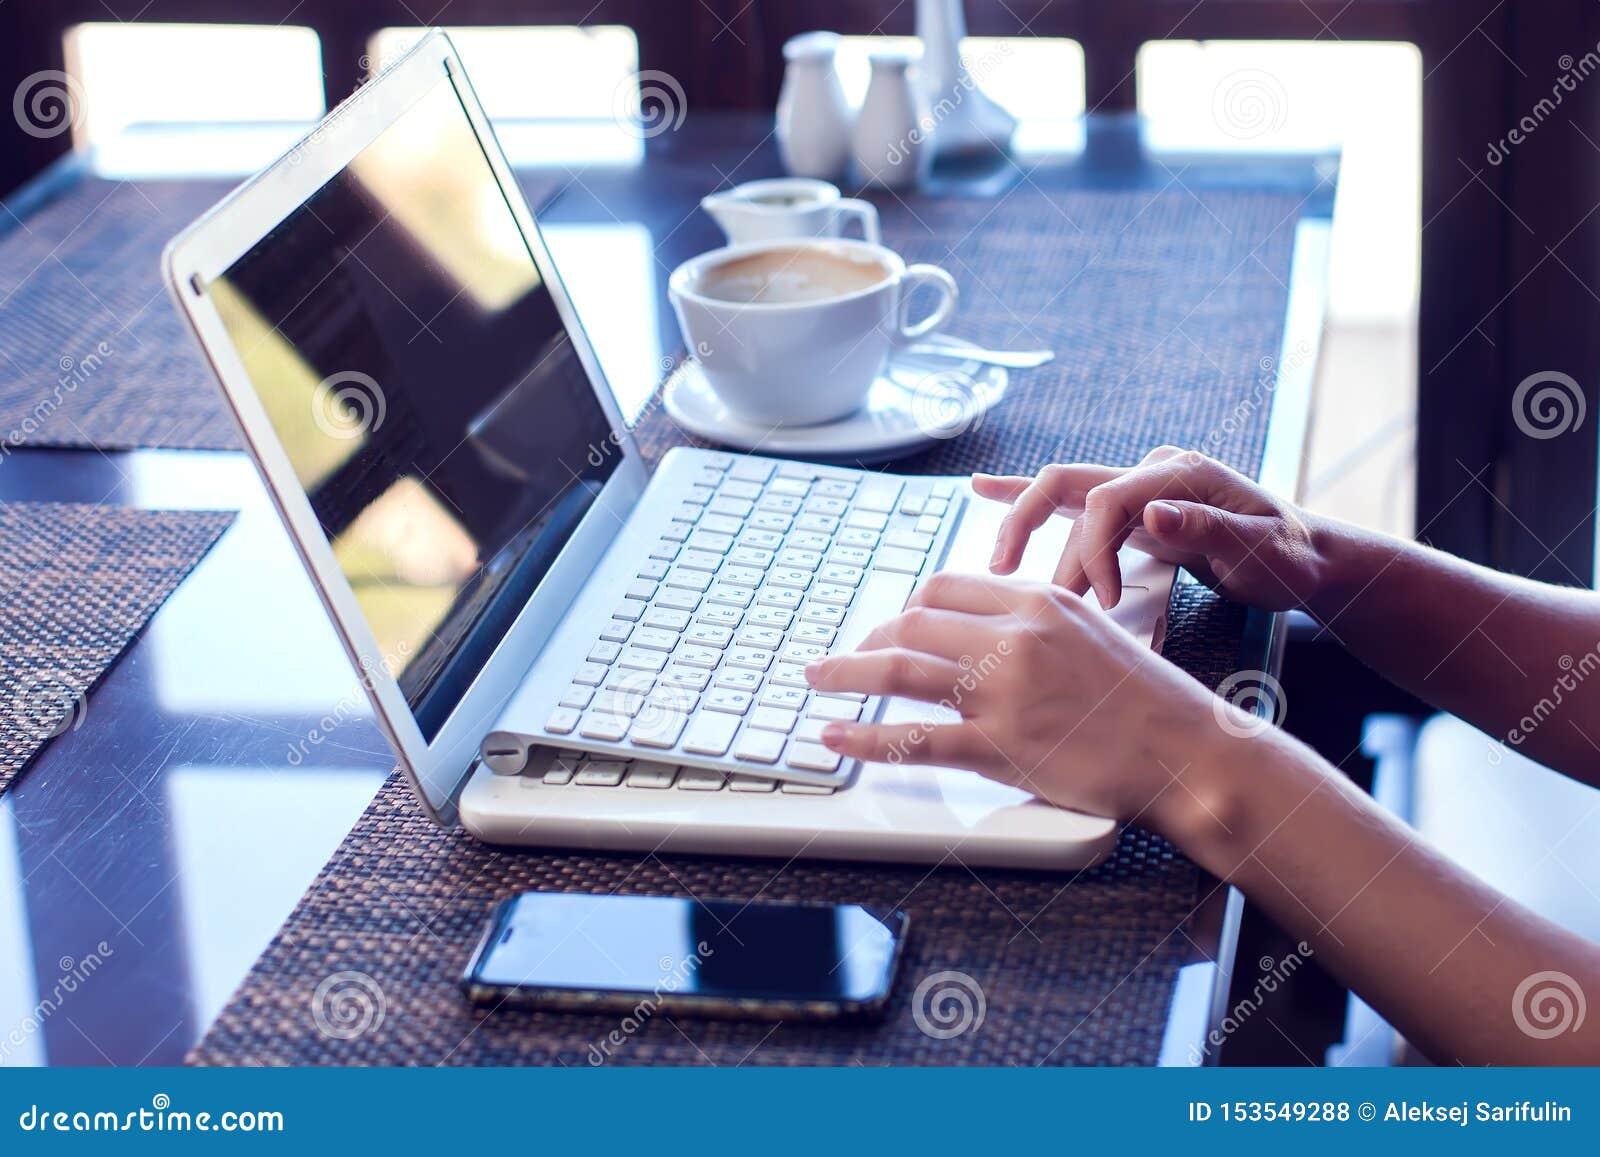 人、技术、通信和休闲概念 妇女的手播种的背面图浏览互联网的,检查简短的新闻报道通过